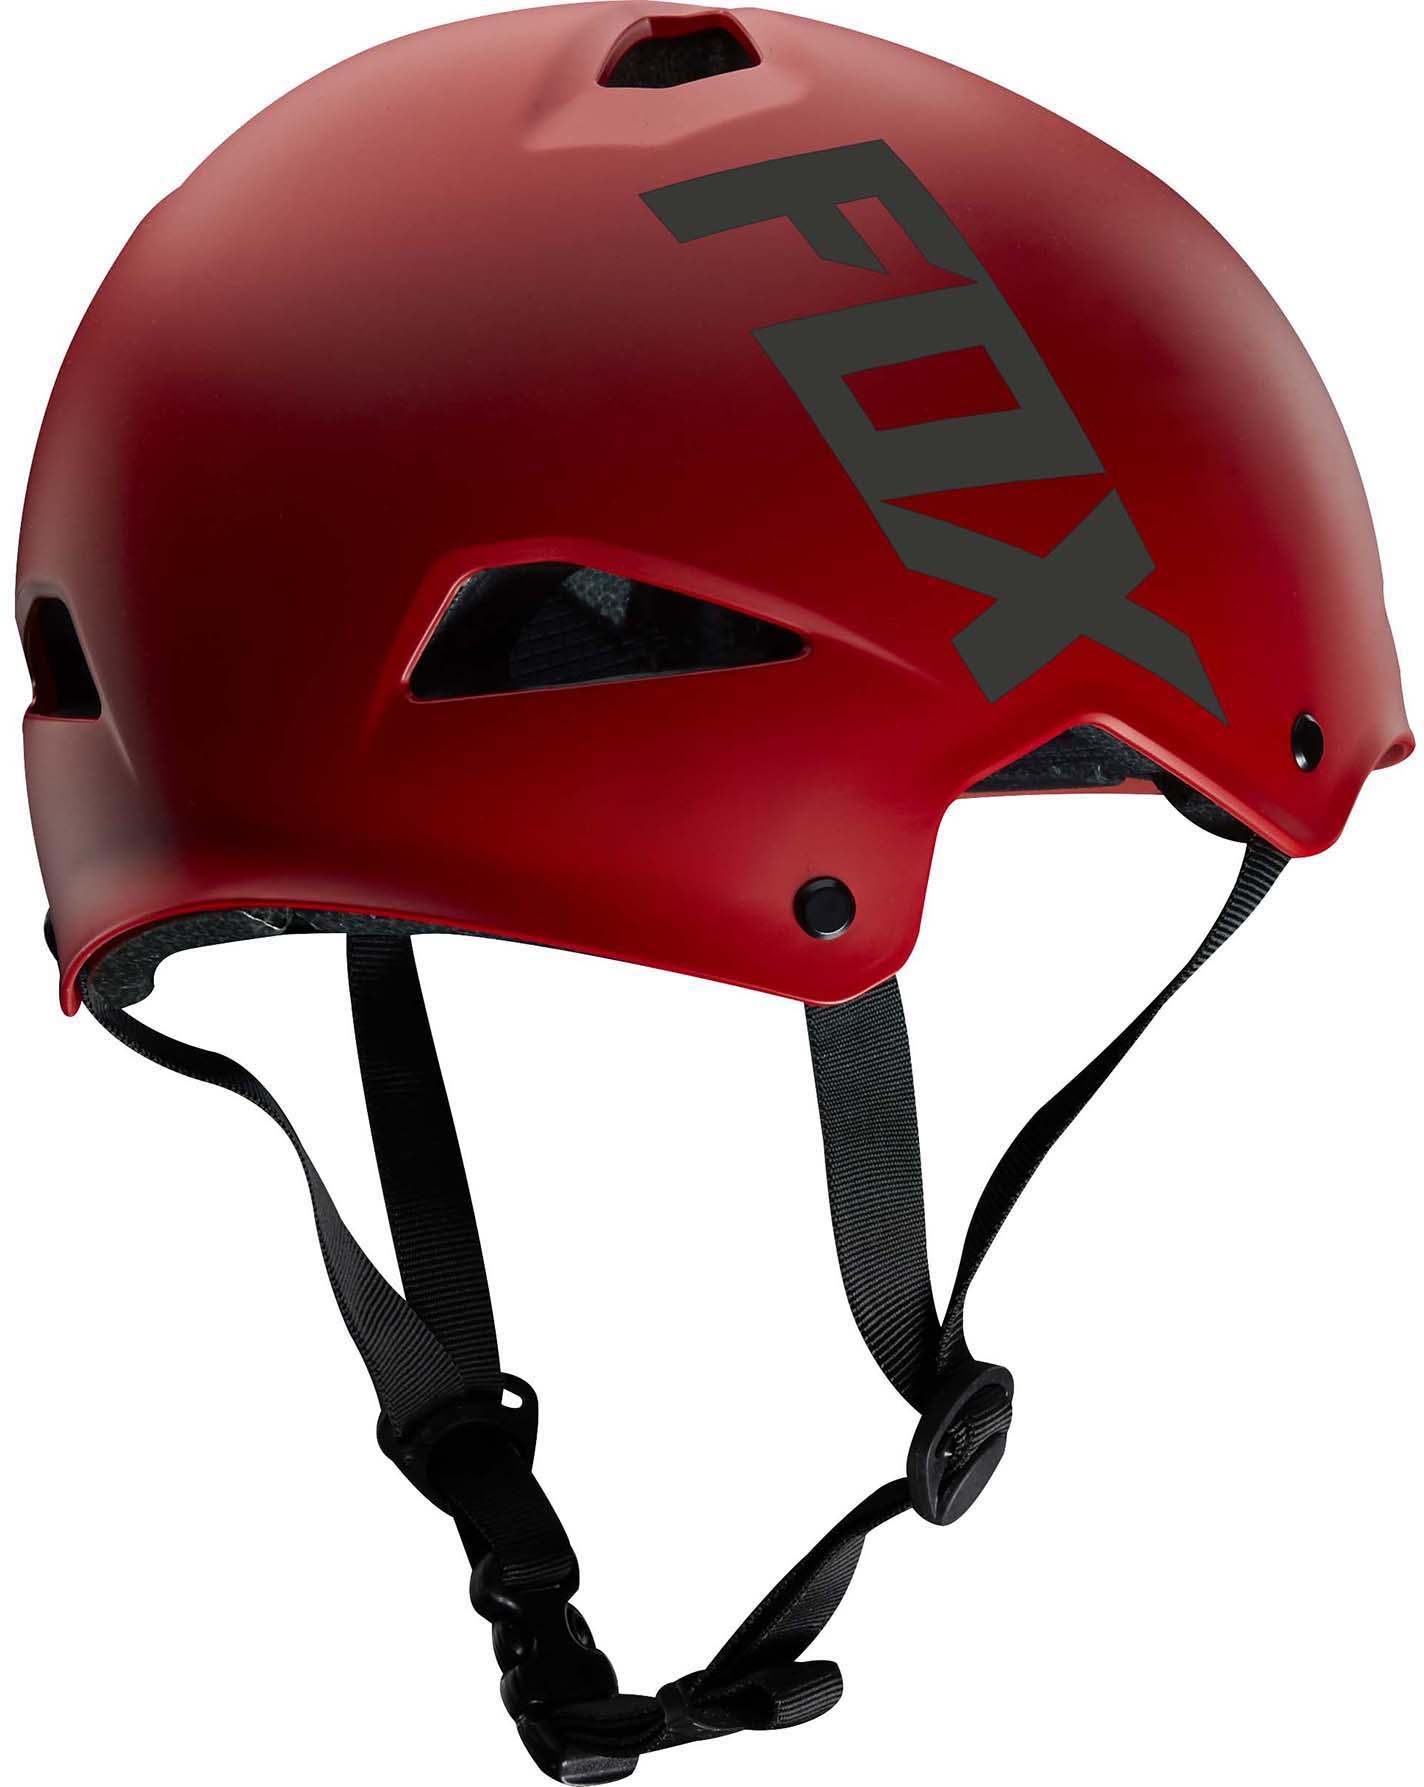 Fox-Head-Flight-Sport-Trail-Bike-Dirt-Jump-Adult-Protective-Helmet thumbnail 18